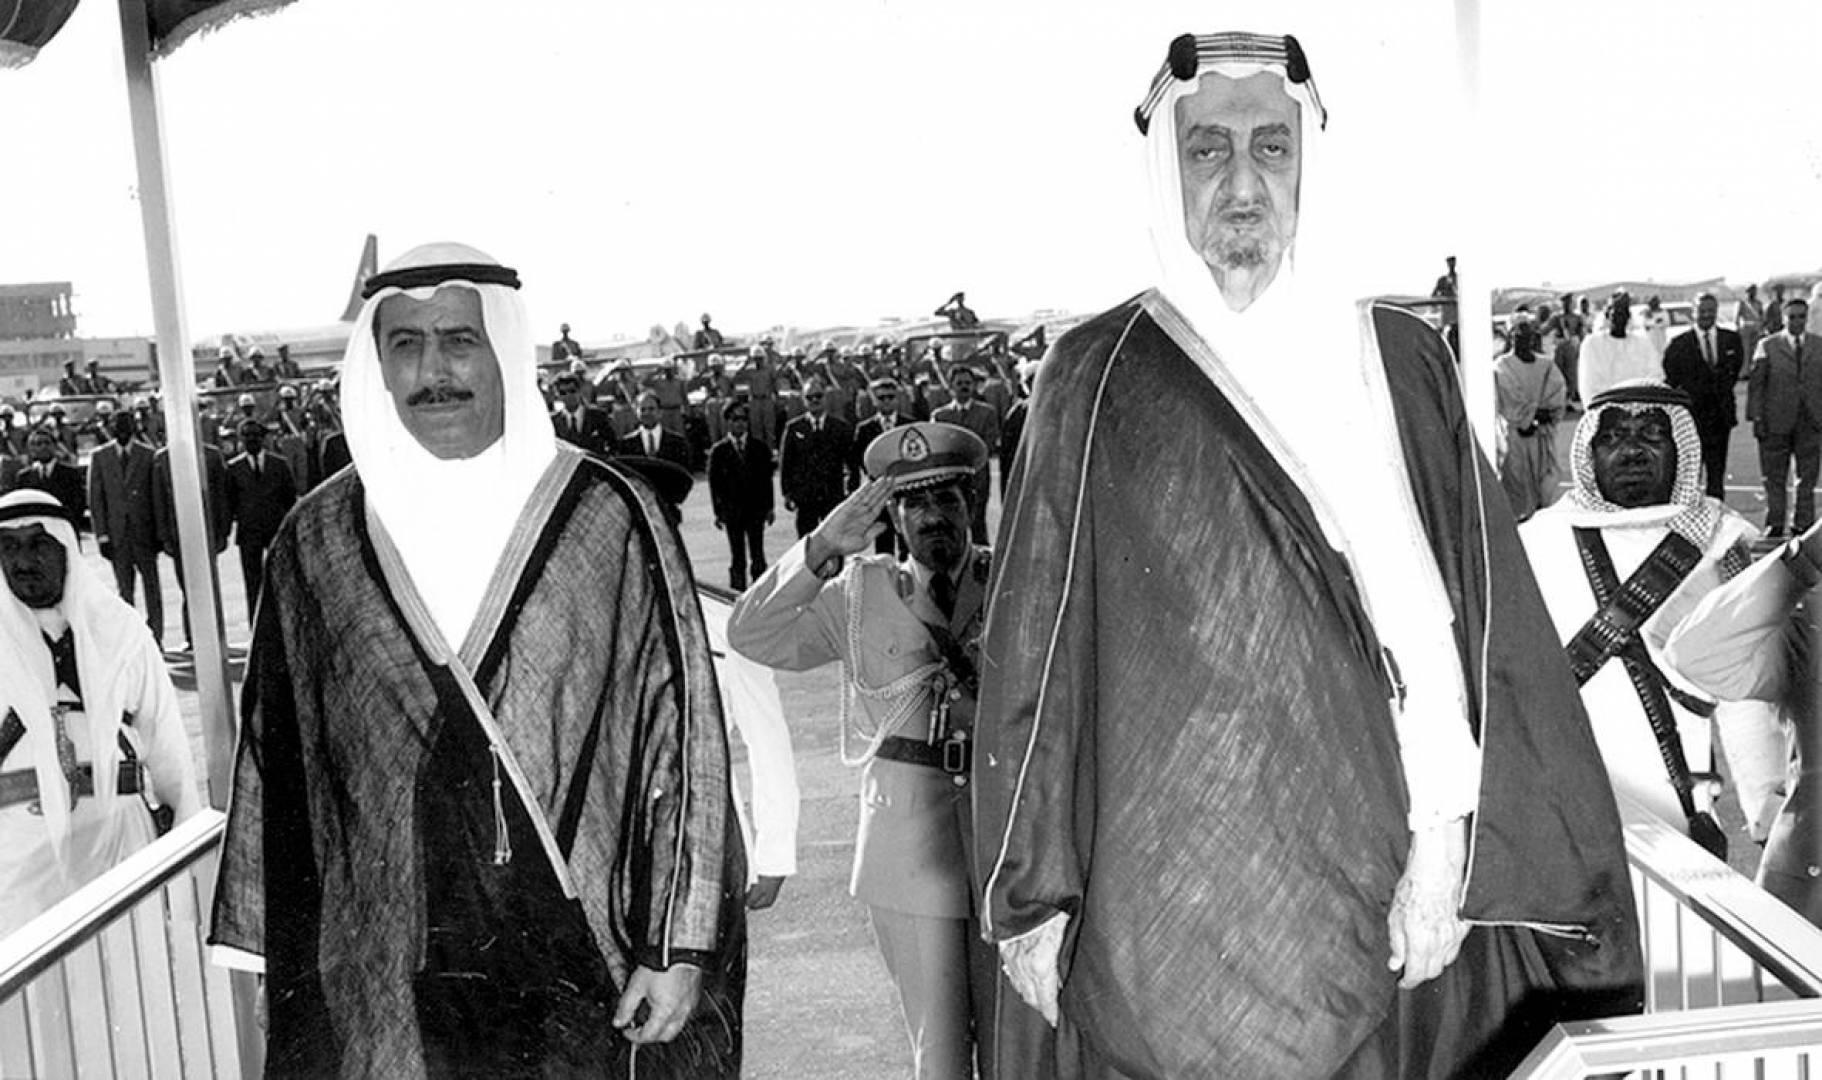 973/9/2|الكويت والسعودية في بيان مشترك: الأطماع التوسعية الصهيونية عكرت صفو الشرق الأوسط